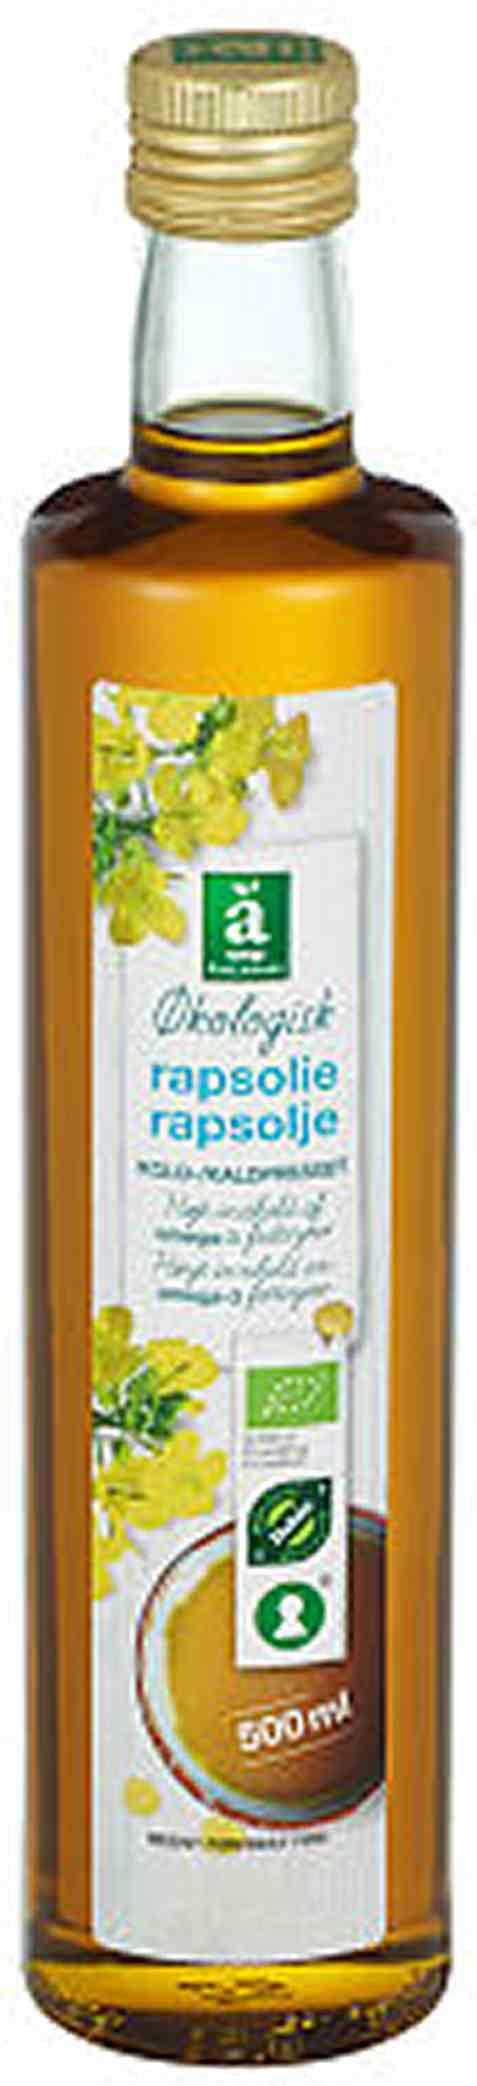 Bilde av Coop anglamark Økologisk rapsolje.